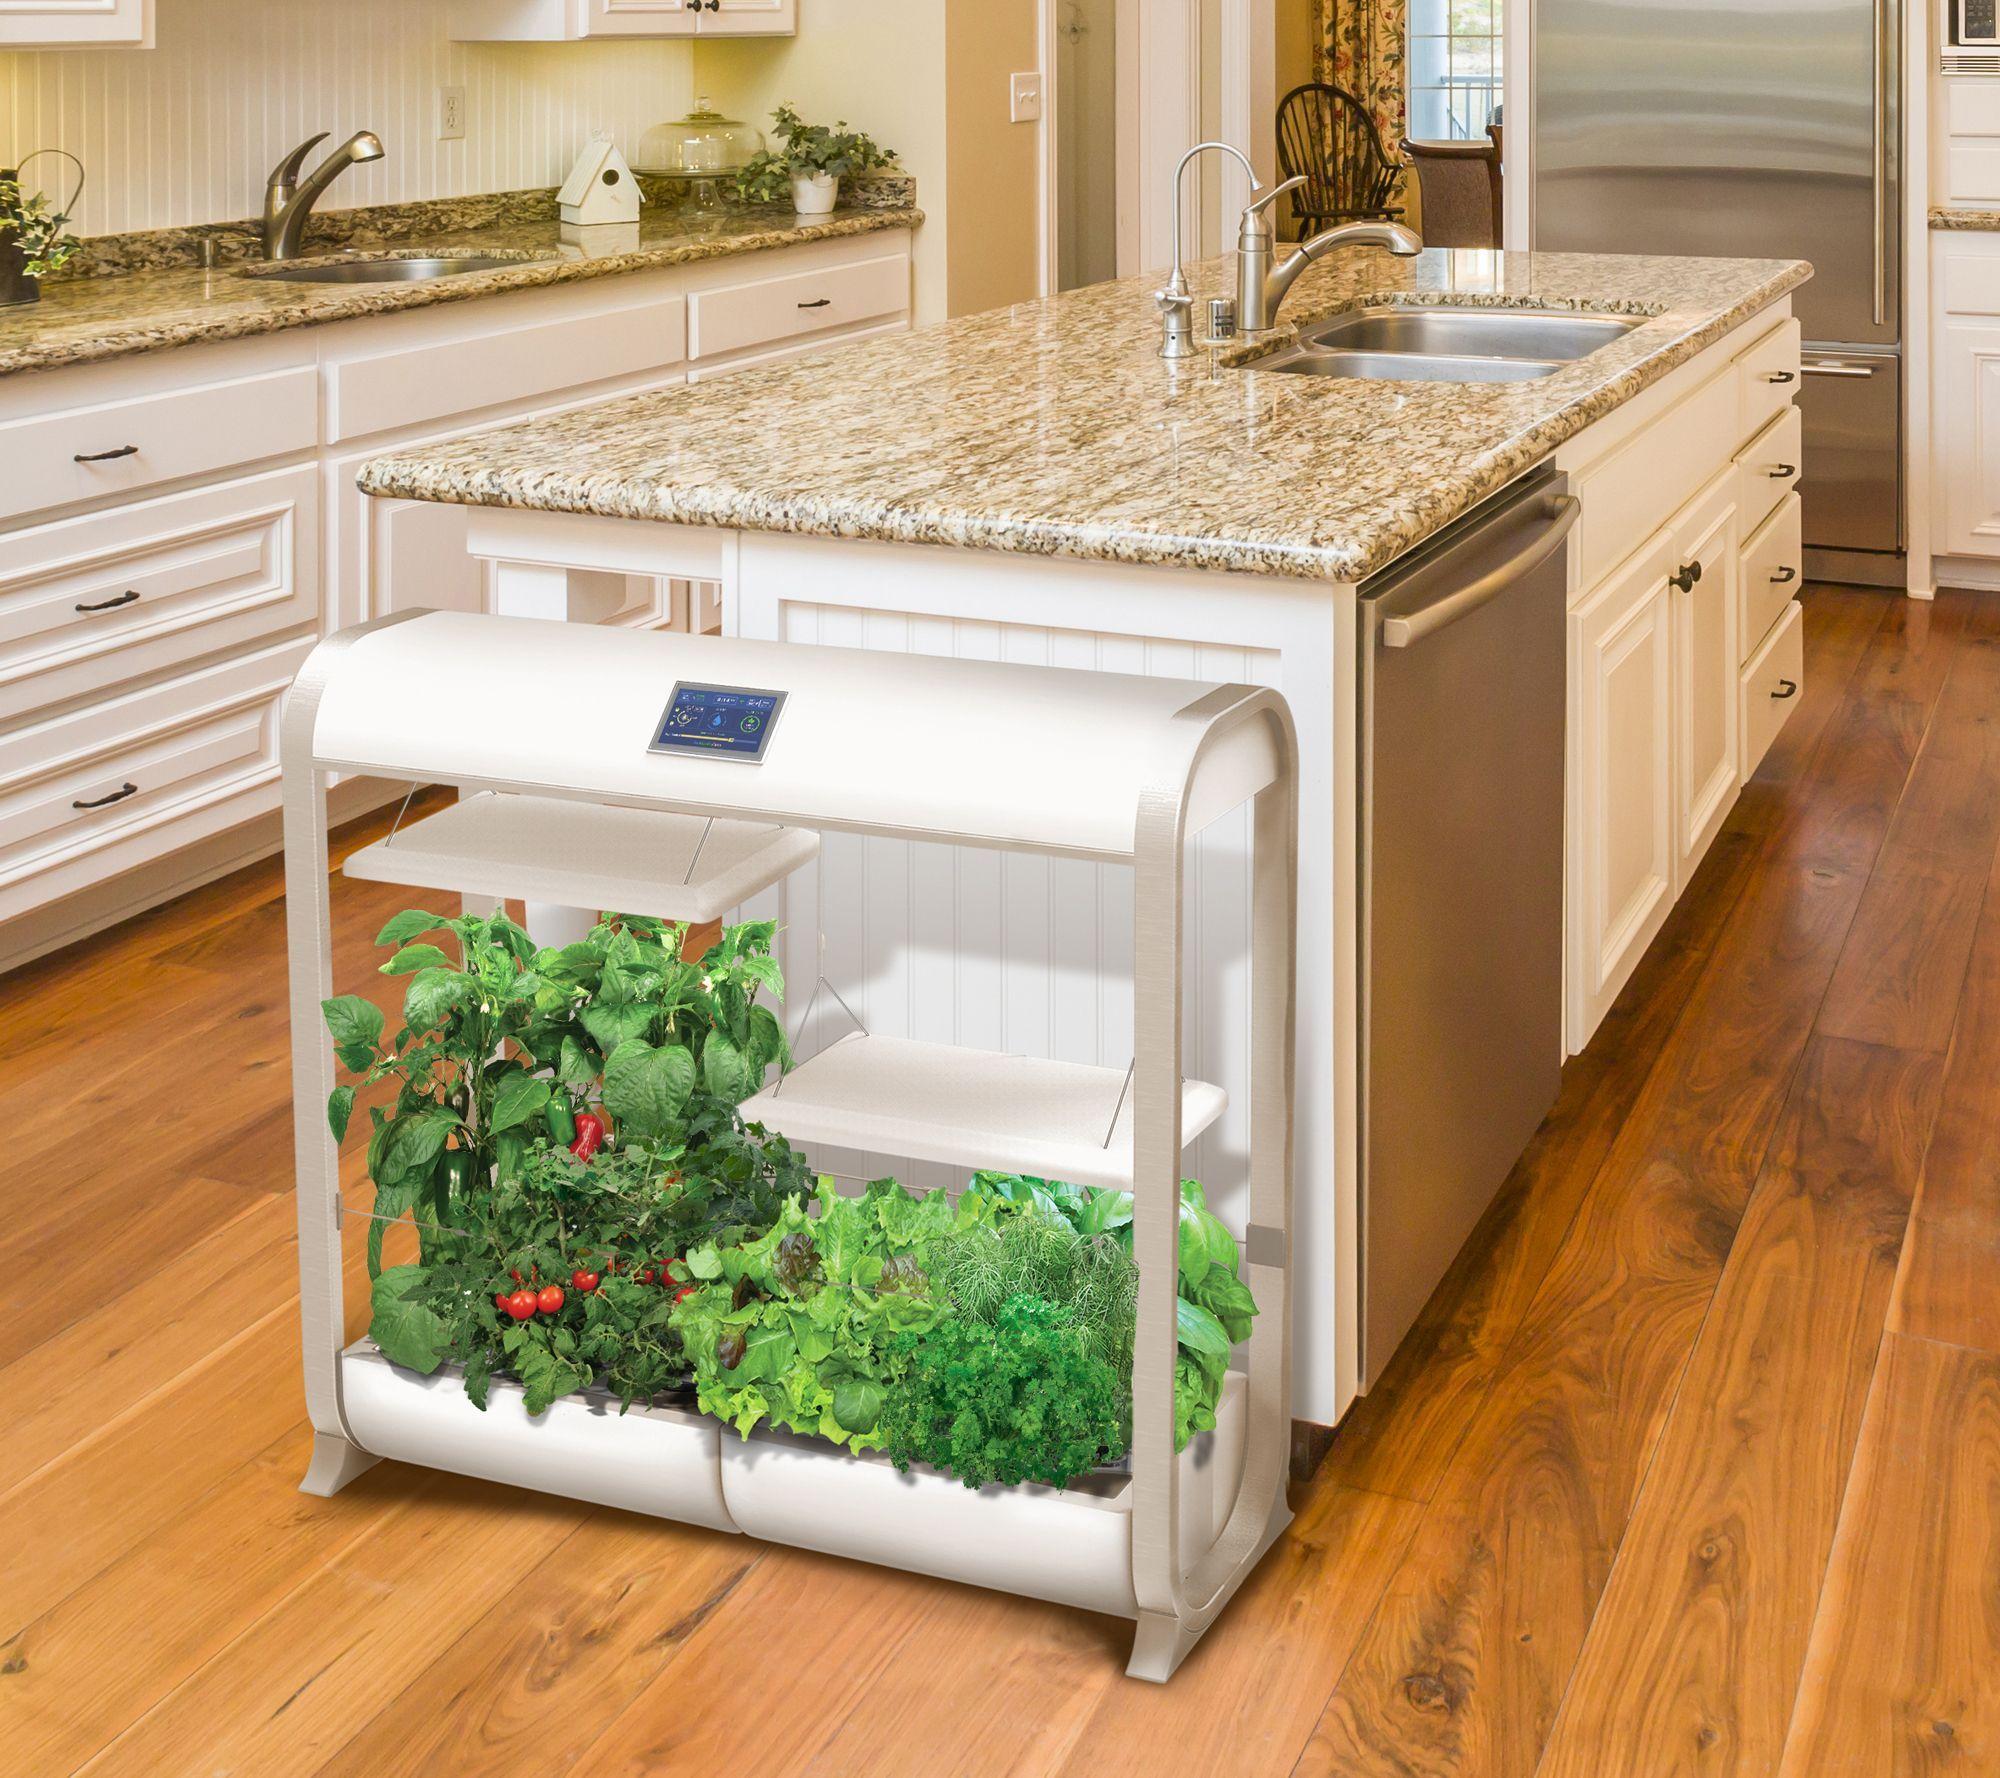 Aerogarden Farm Plus Home Garden Sy Stem — Qvc Com 400 x 300